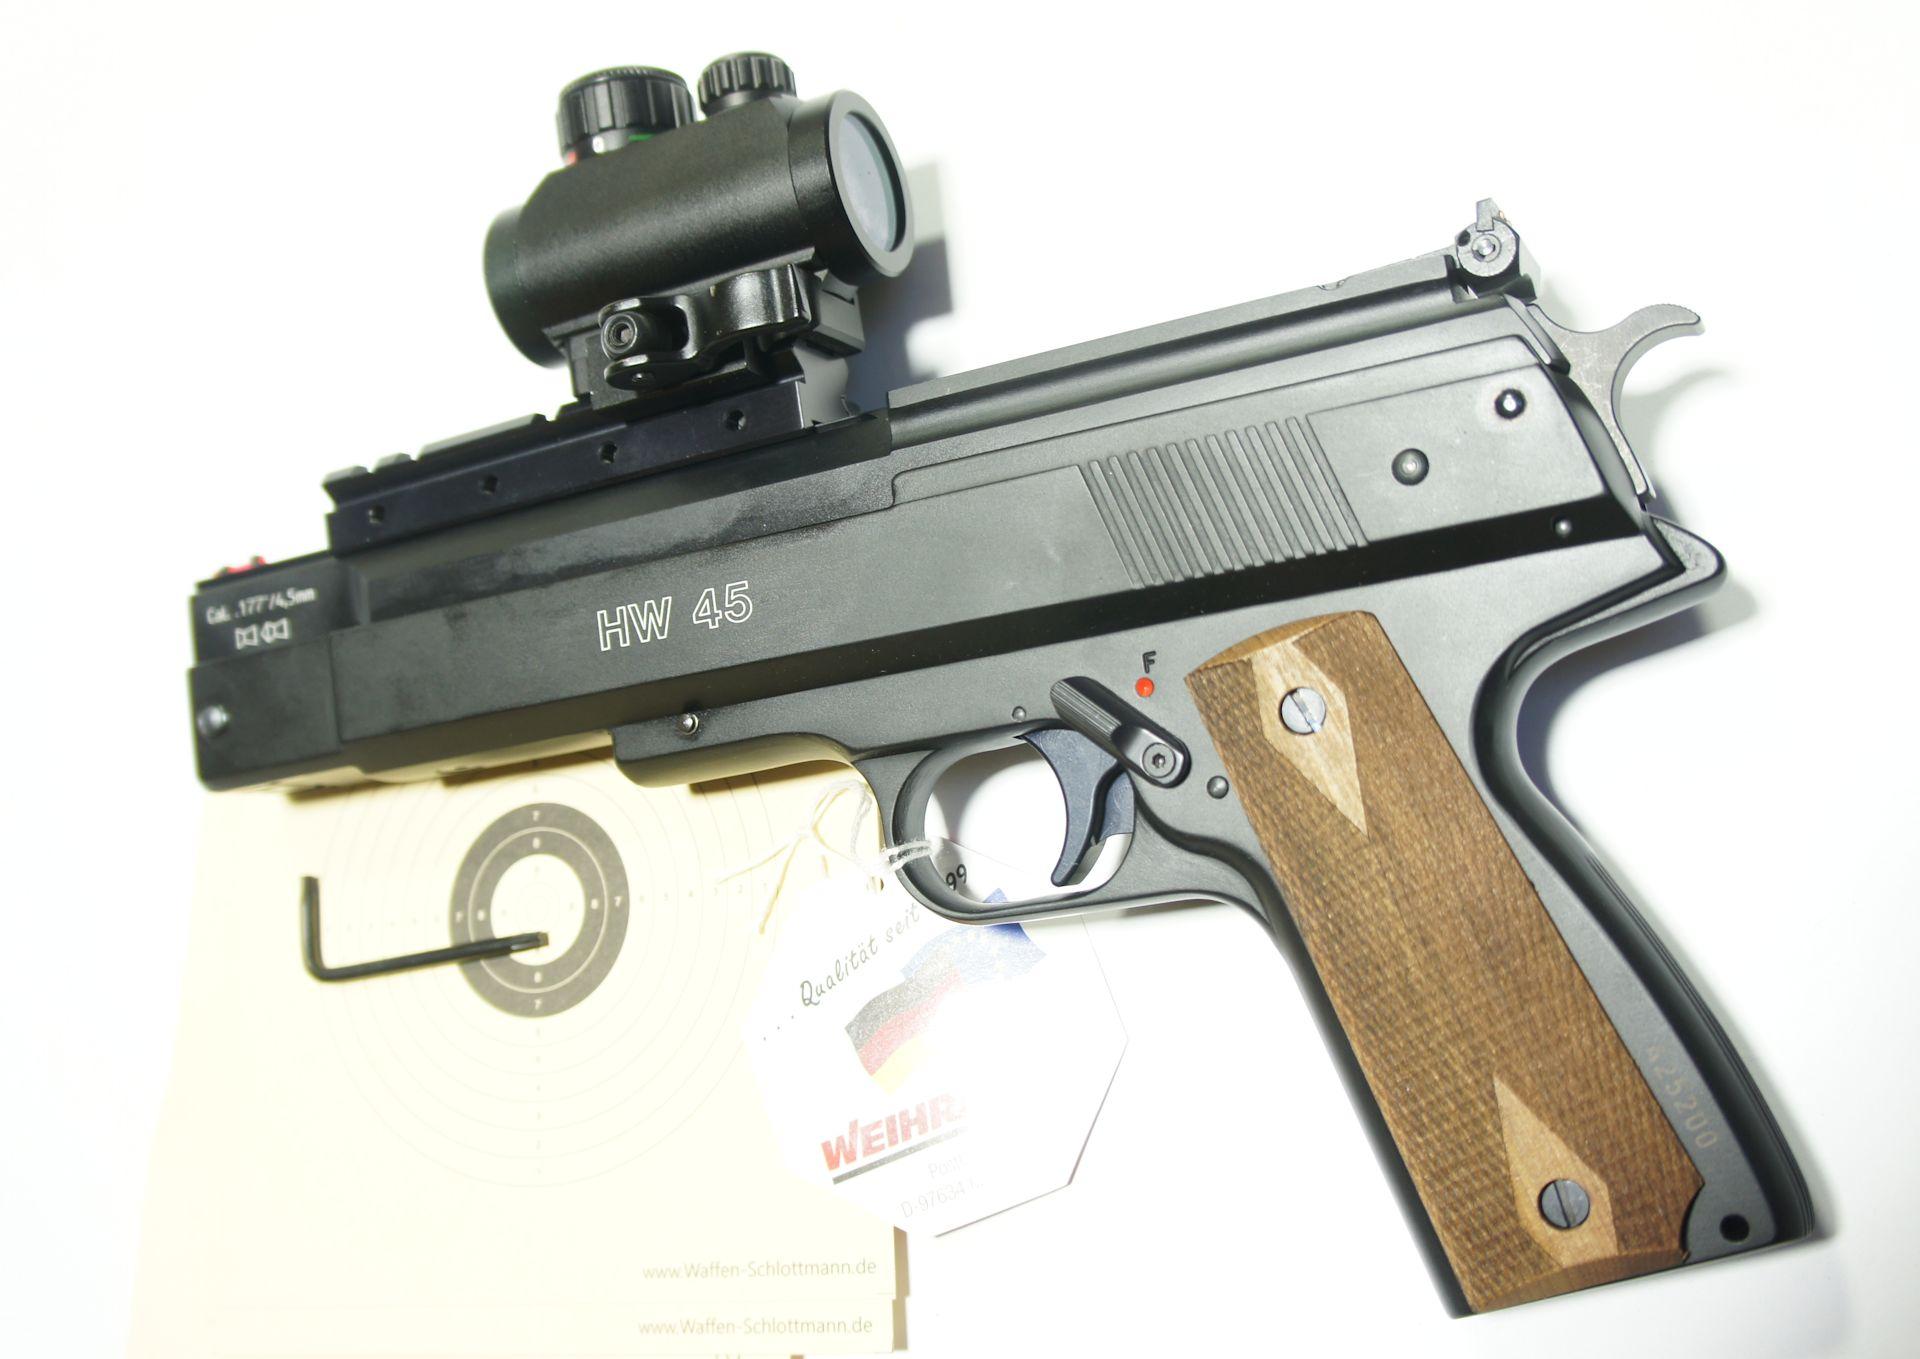 Montagebeispiel an der Luftpistole /Die Justierung der Optik erfolgt wie bei einem Zielfernrohr über Stellknöfe.